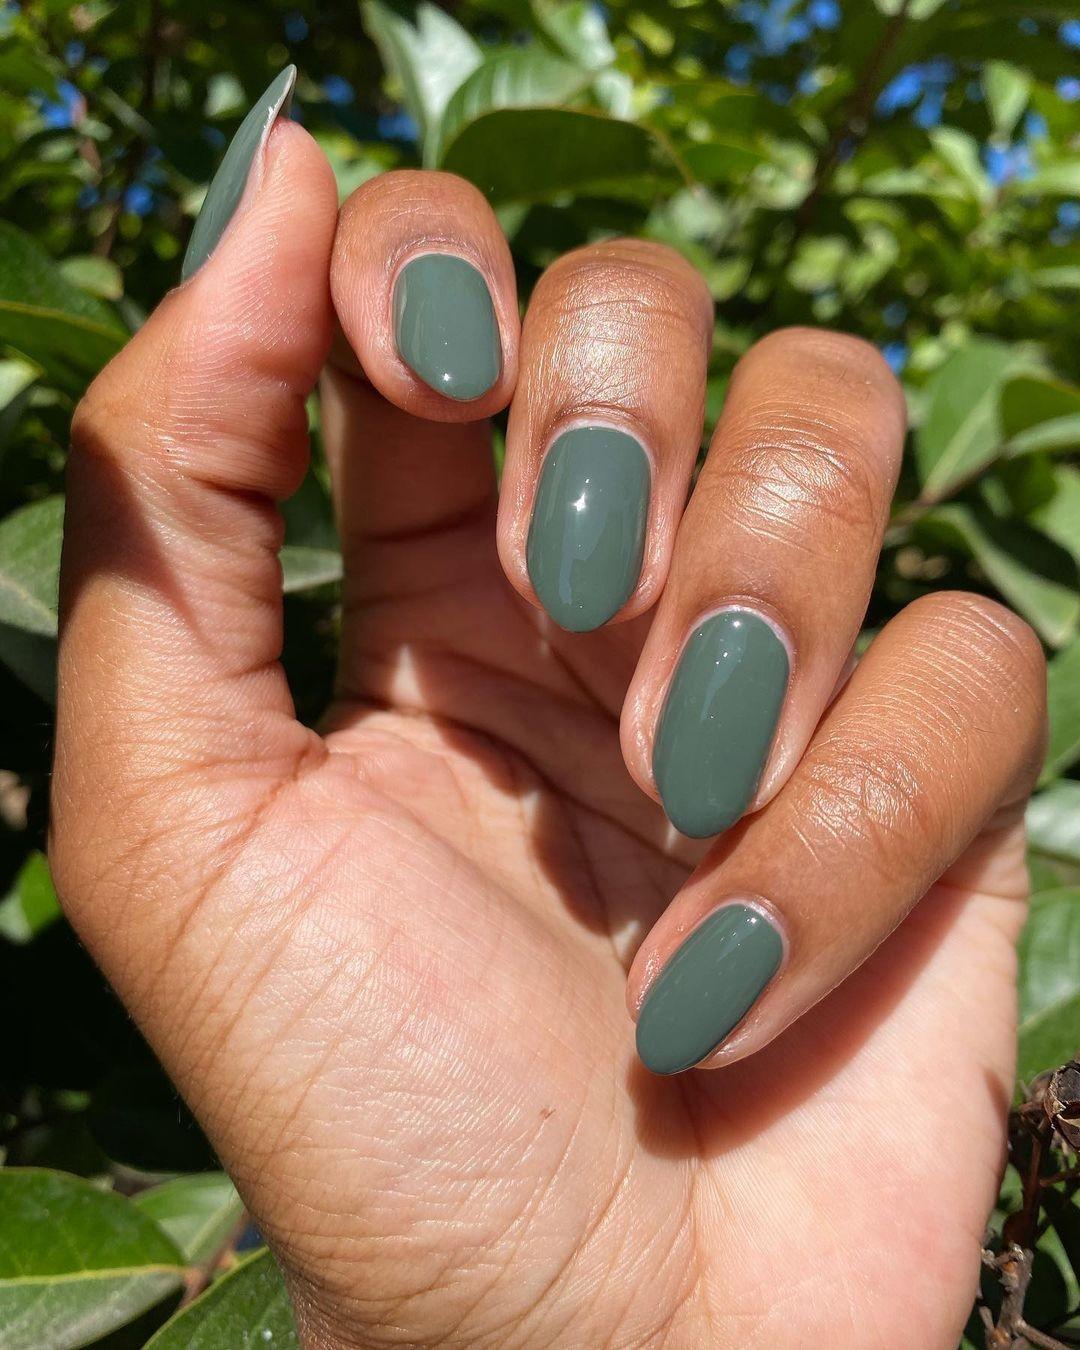 nails-green.jpg